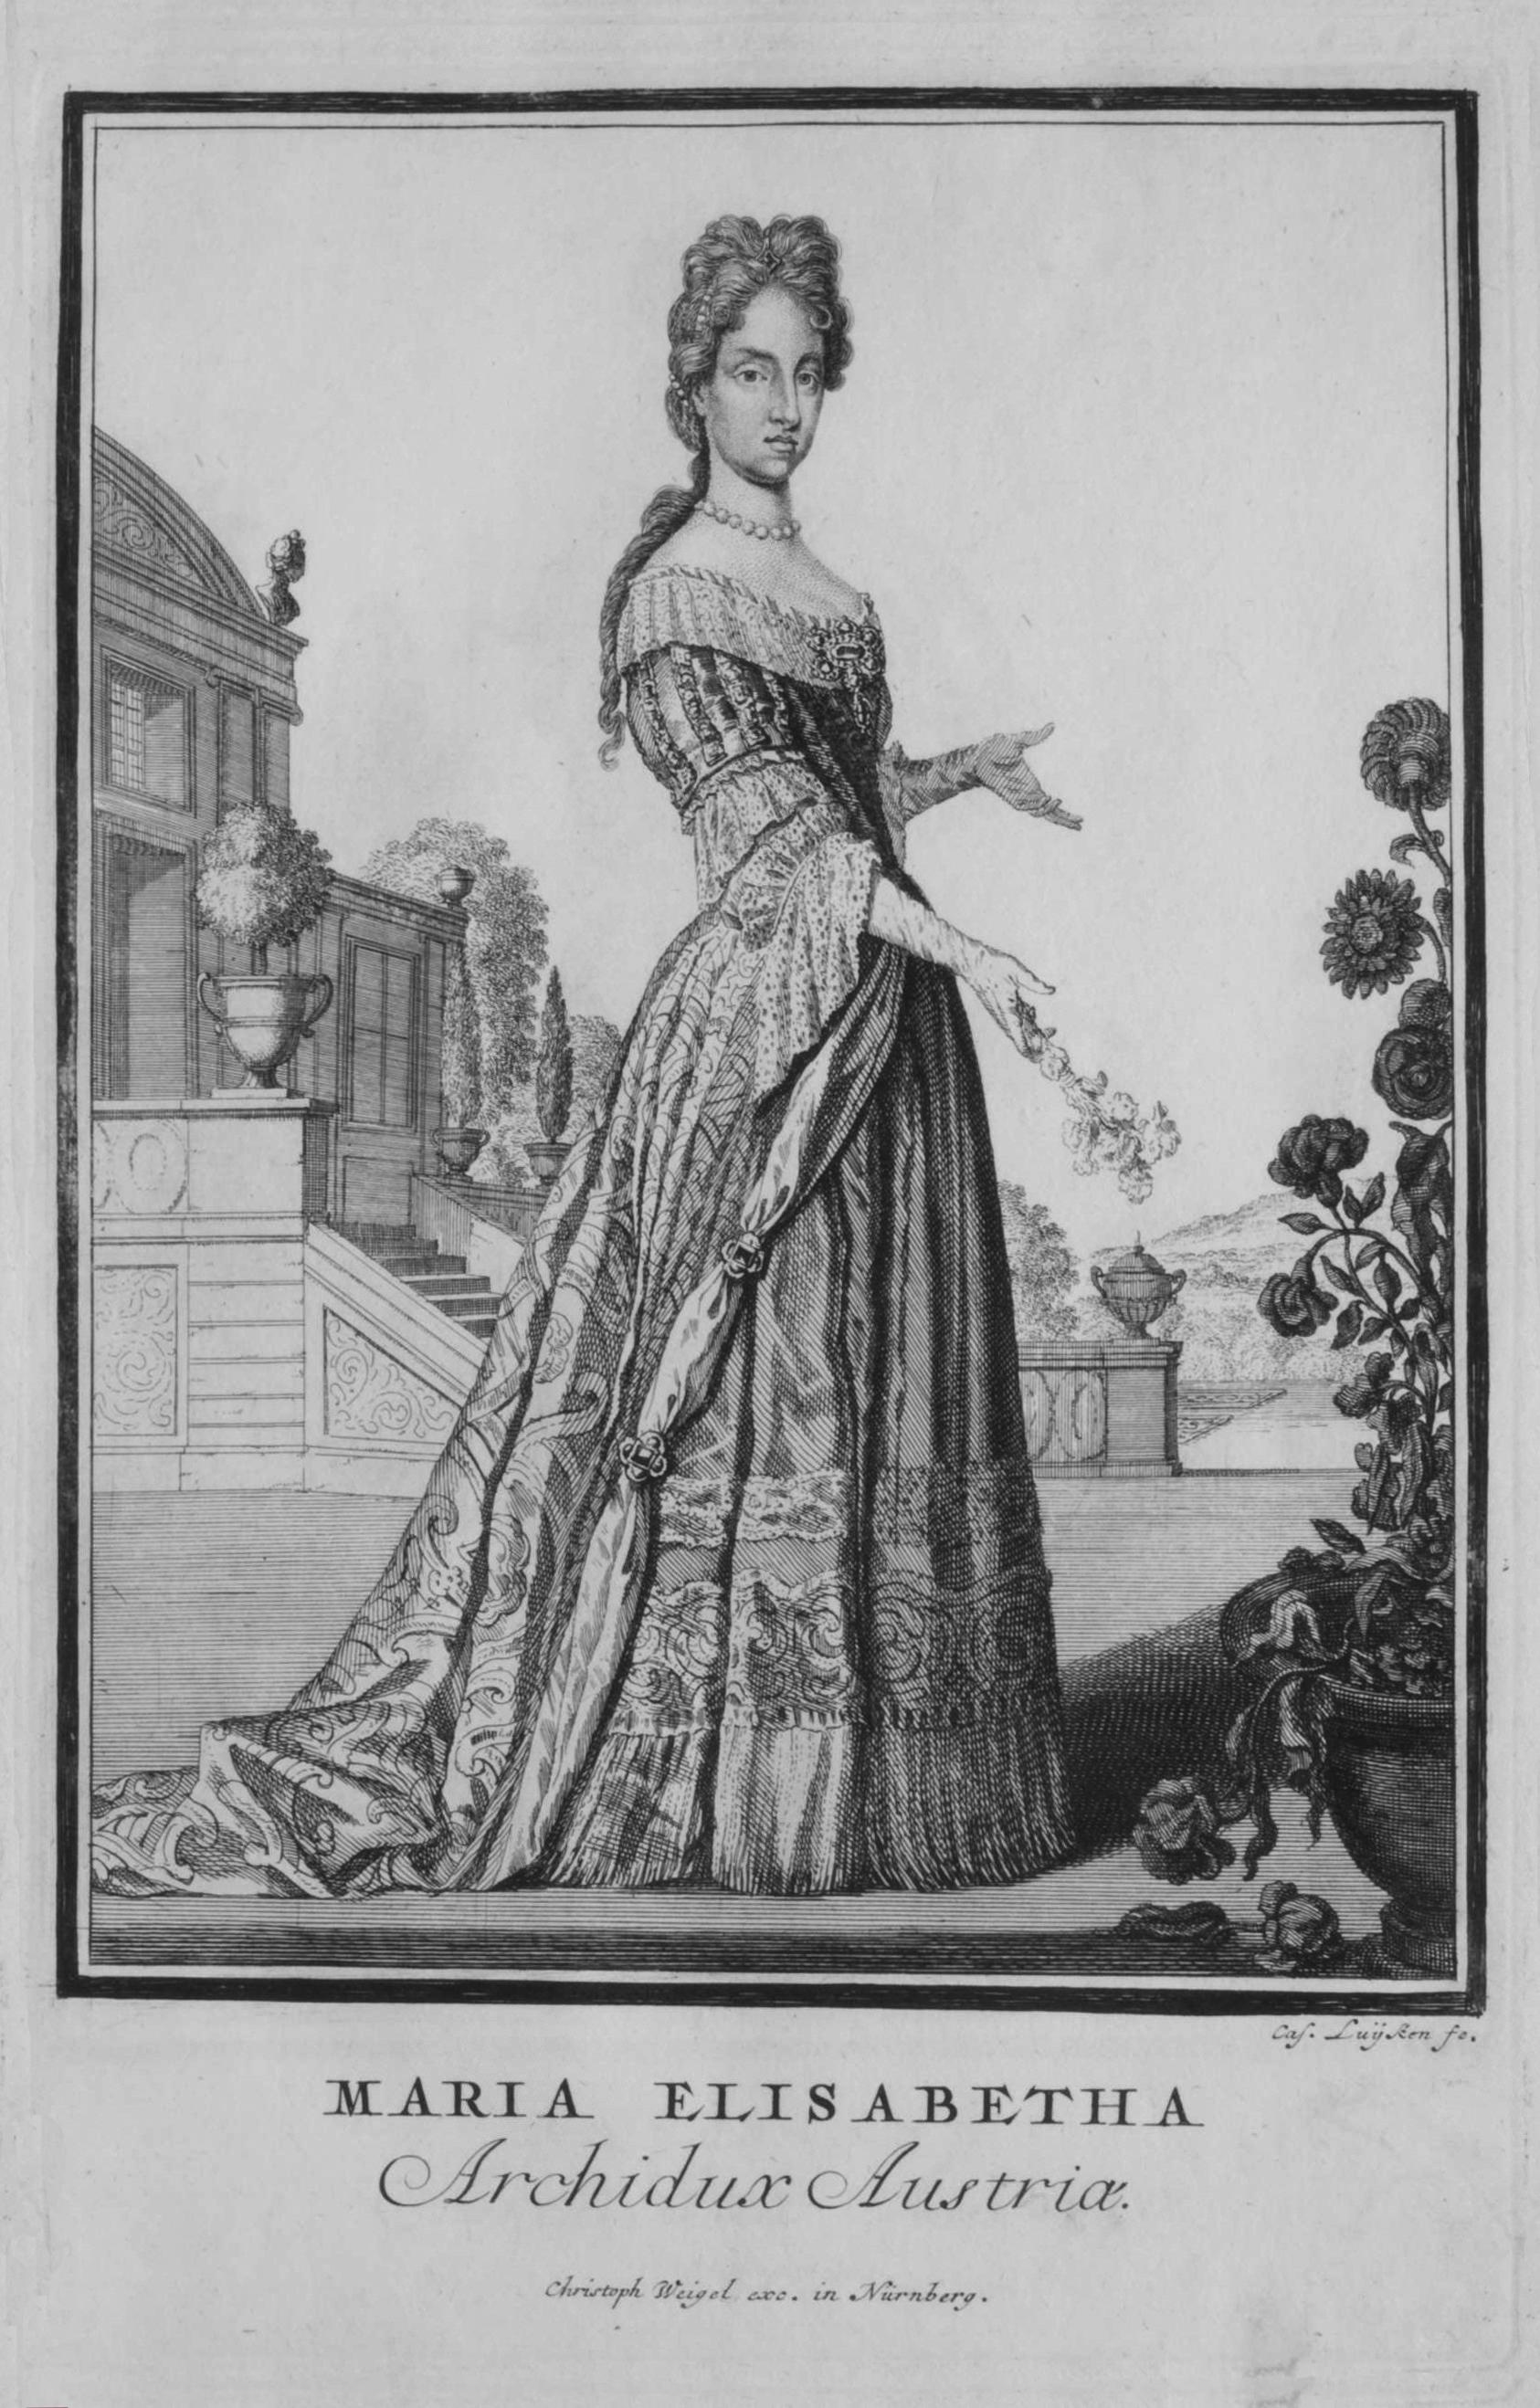 1703 in France